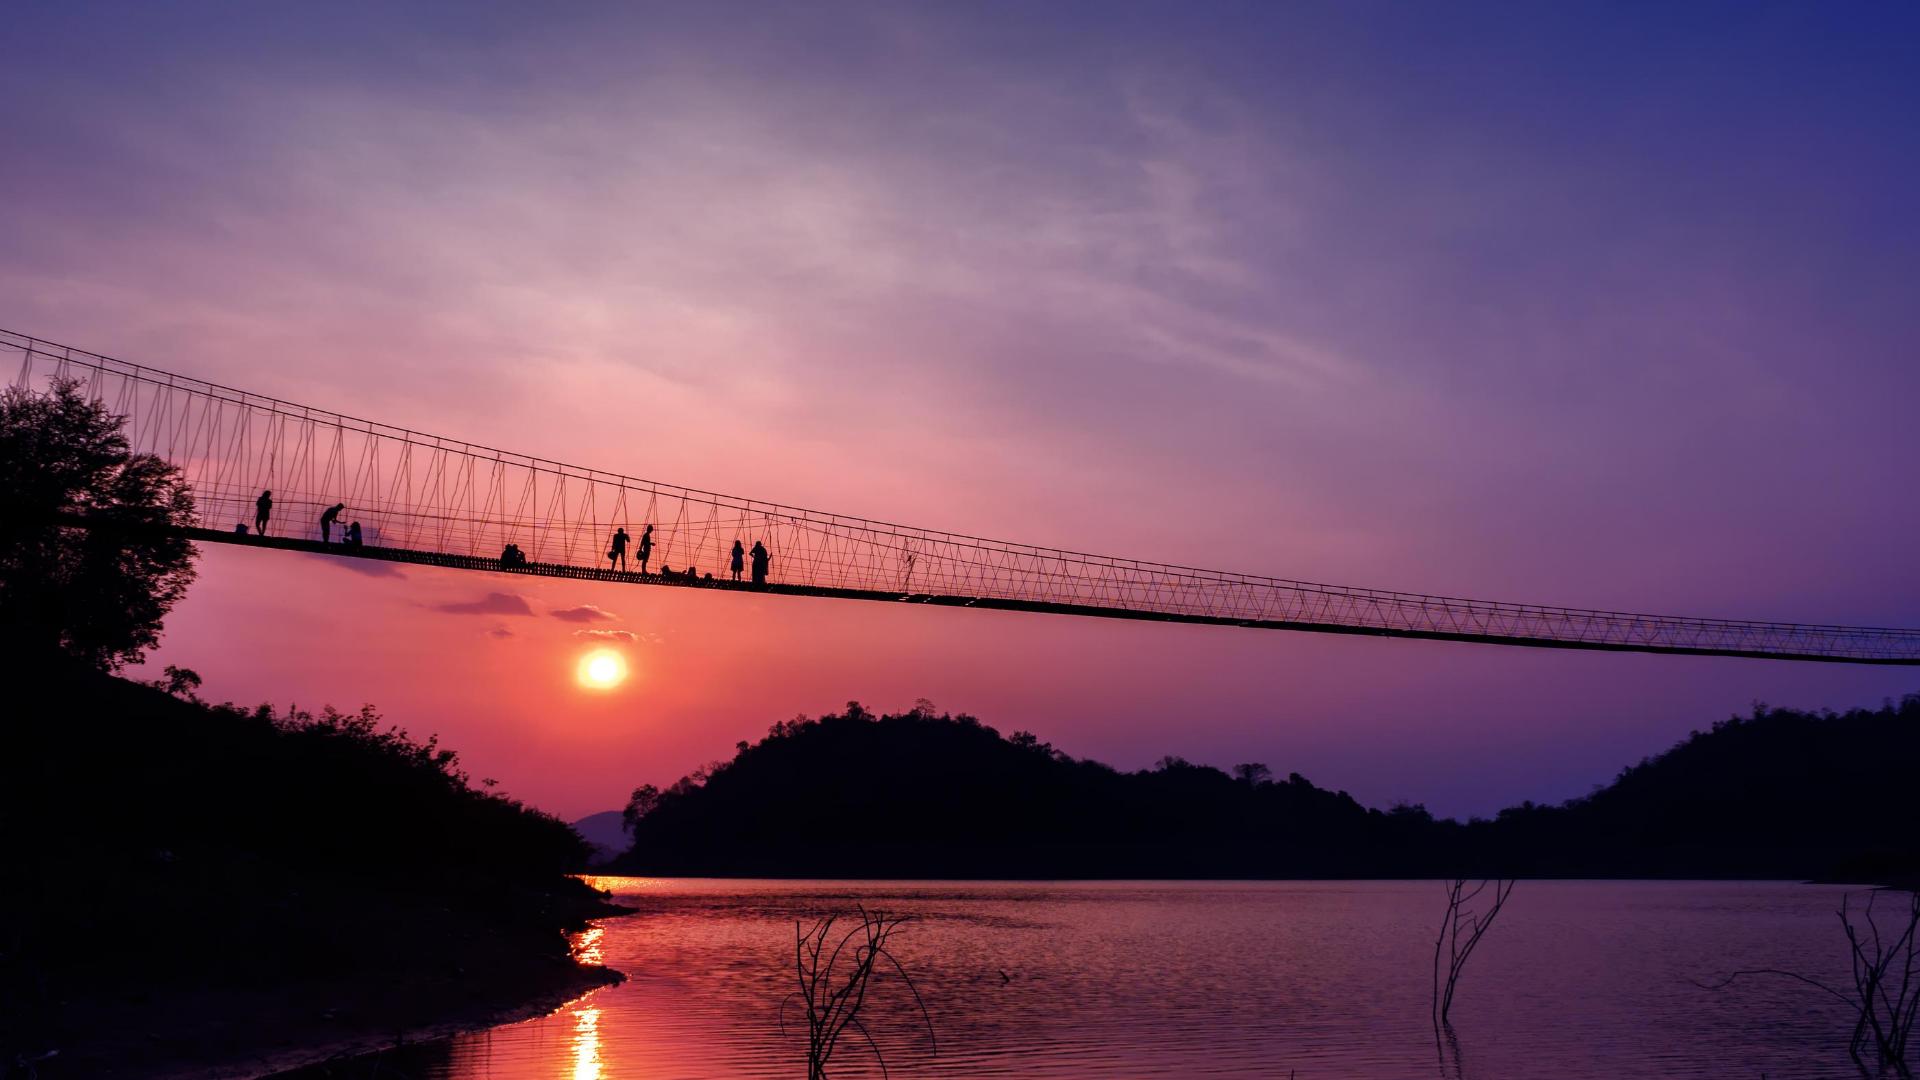 แพ็คเกจเที่ยวเพชรบุรี ล่องแก่งกระจาน สนุกสุดเหวี่ยง 2วัน 1คืน เดินทางได้ตลอดทั้งปี ราคาเริ่มต้นที่ 2,990 บาท